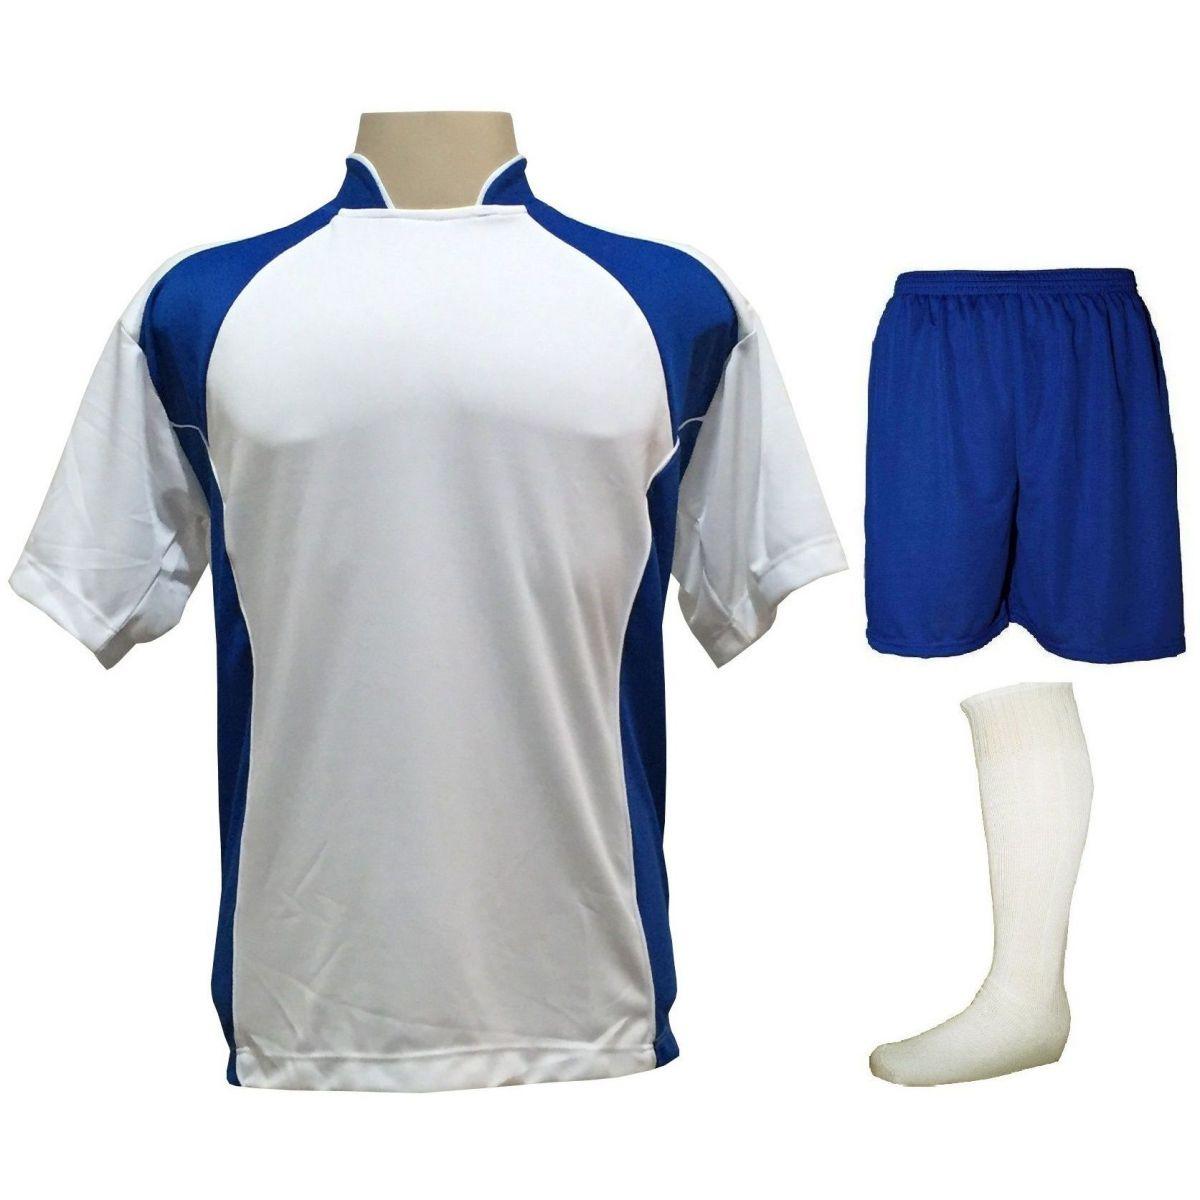 Uniforme Esportivo Completo modelo Suécia 14+1 (14 camisas Branco/Royal + 14 calções Madrid Royal + 14 pares de meiões Brancos + 1 conjunto de goleiro) + Brindes